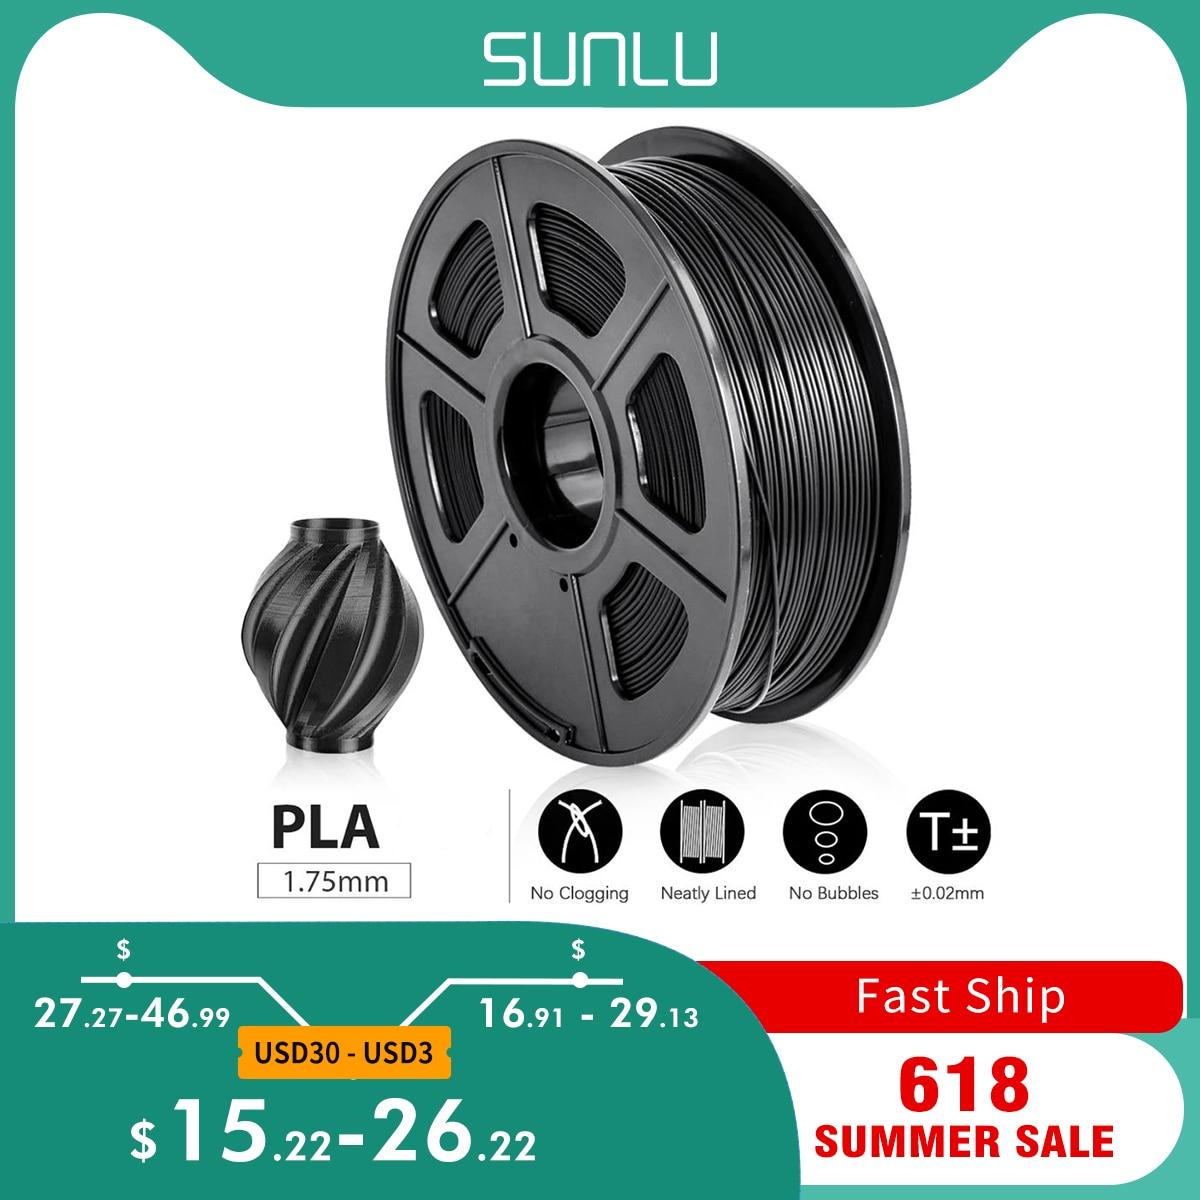 SUNLU PLA 3D-принтеры нити 1,75 мм 2,2 фунтов 1 кг катушки Новый 3D полиграфические материалы для 3D-принтеры s и 3D ручки с вакуумной упаковки